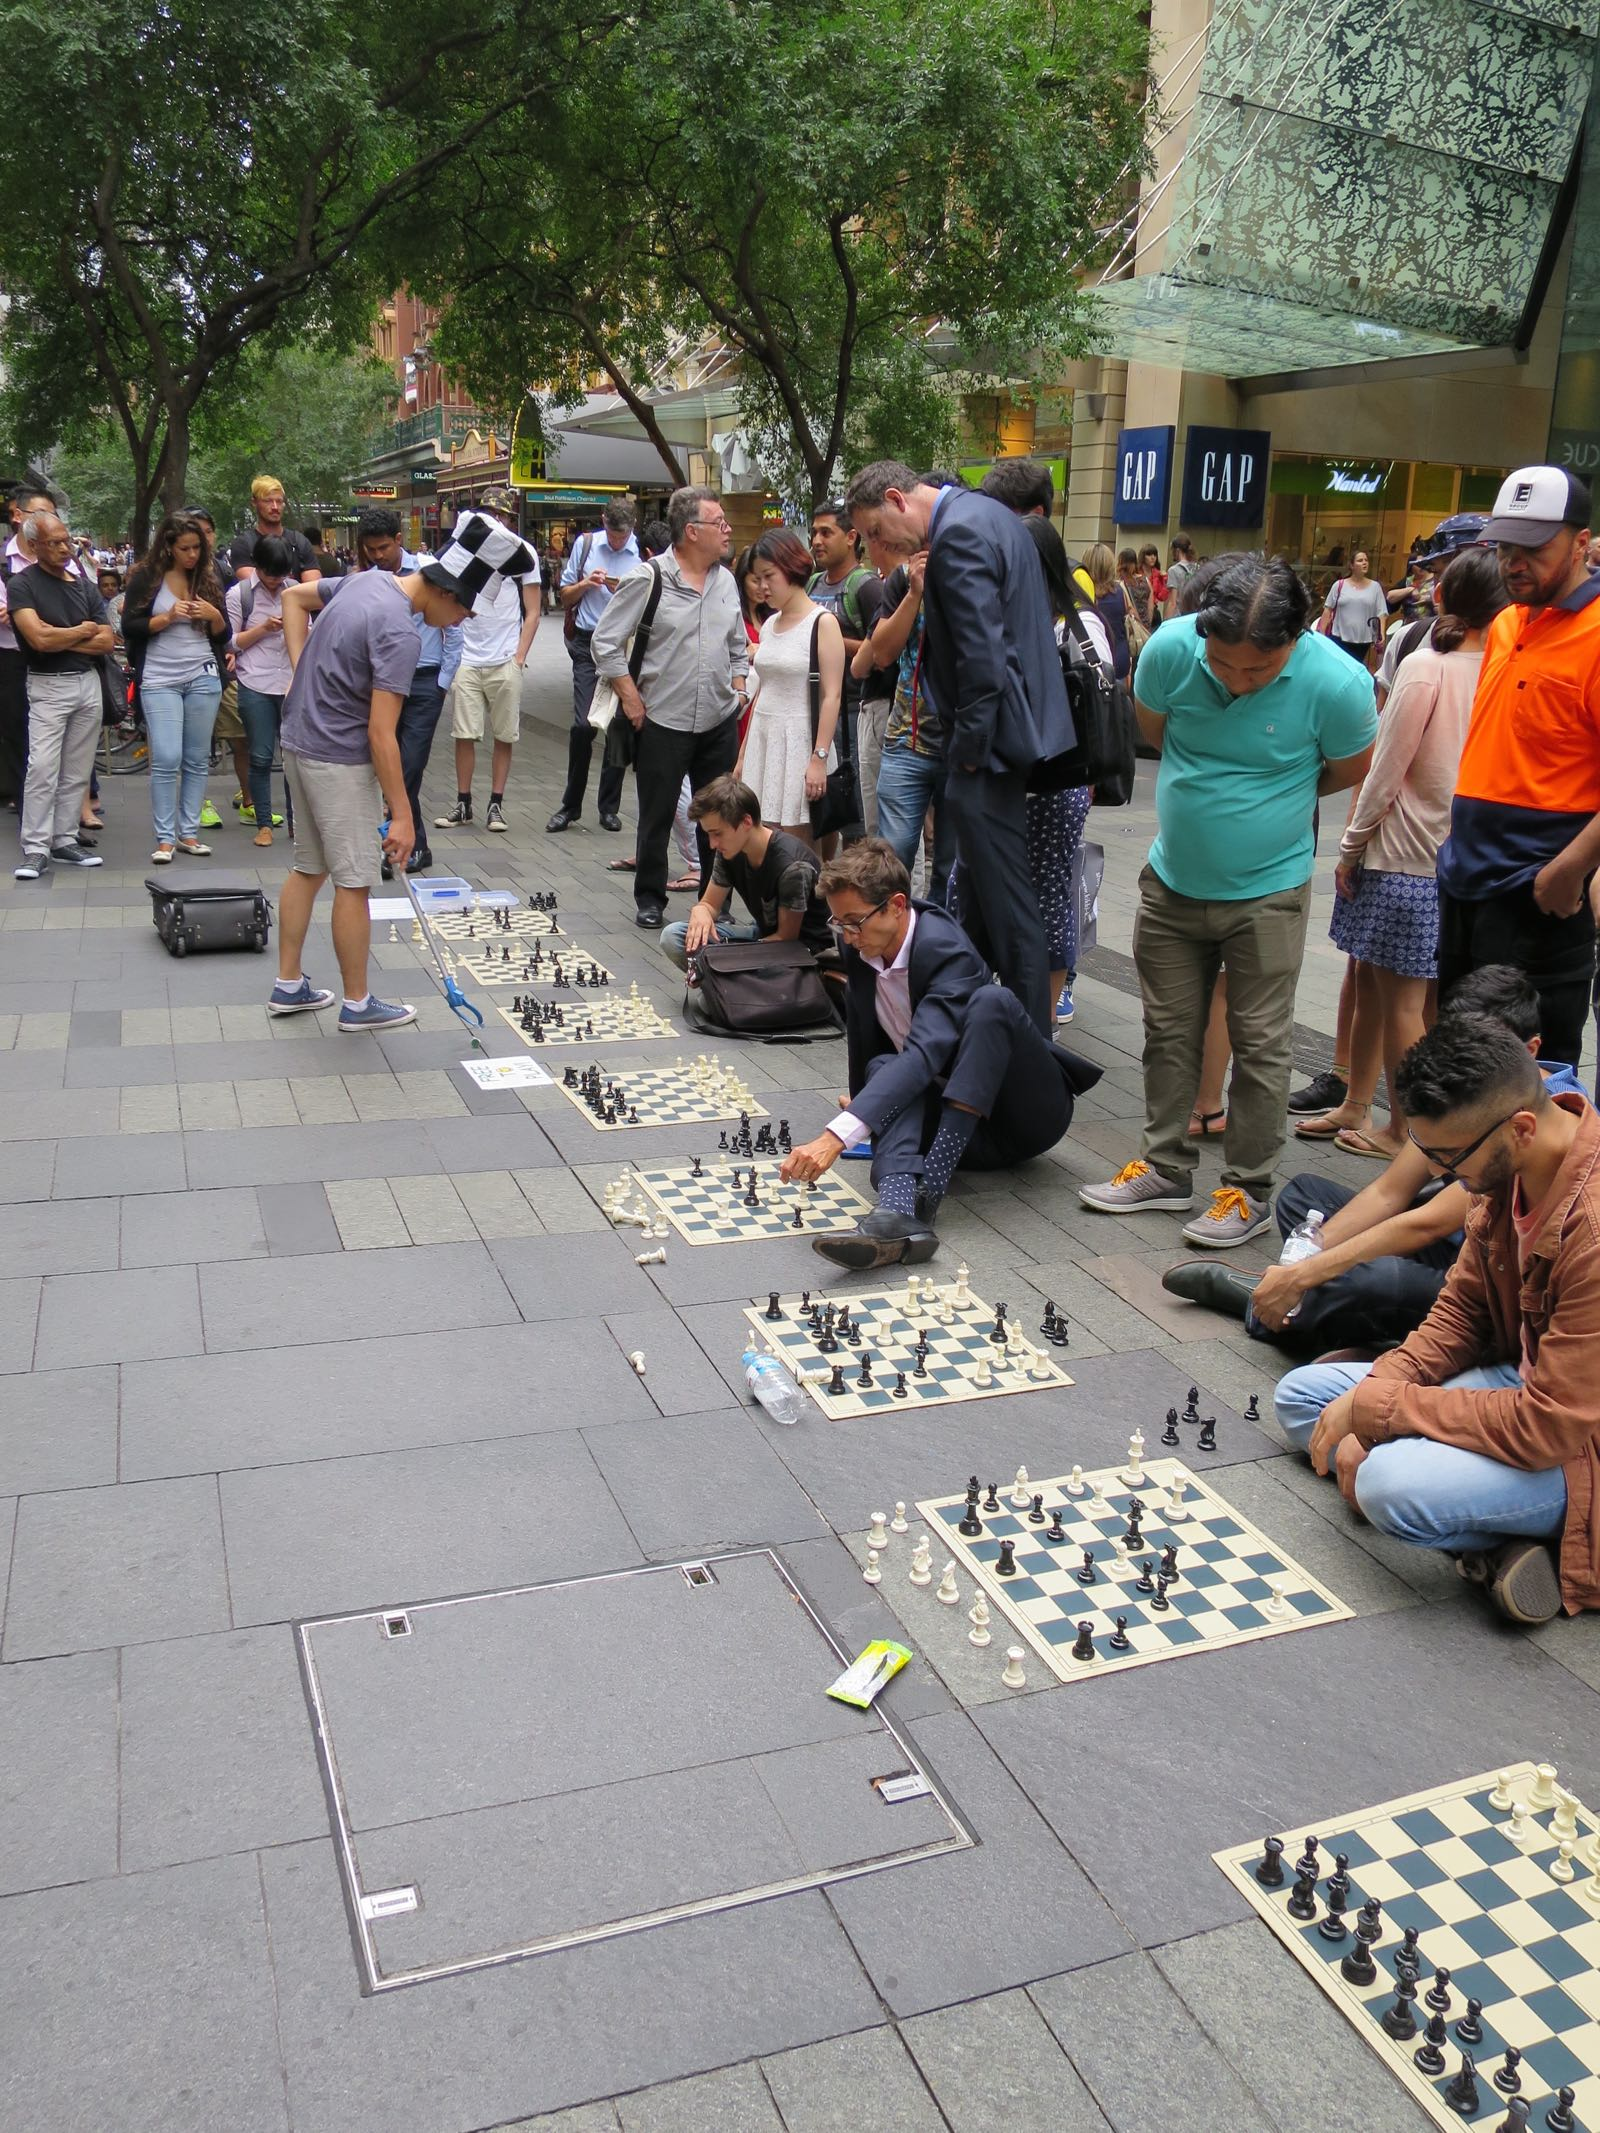 Yksi ihminen viittä vastaan shakissa kadulla